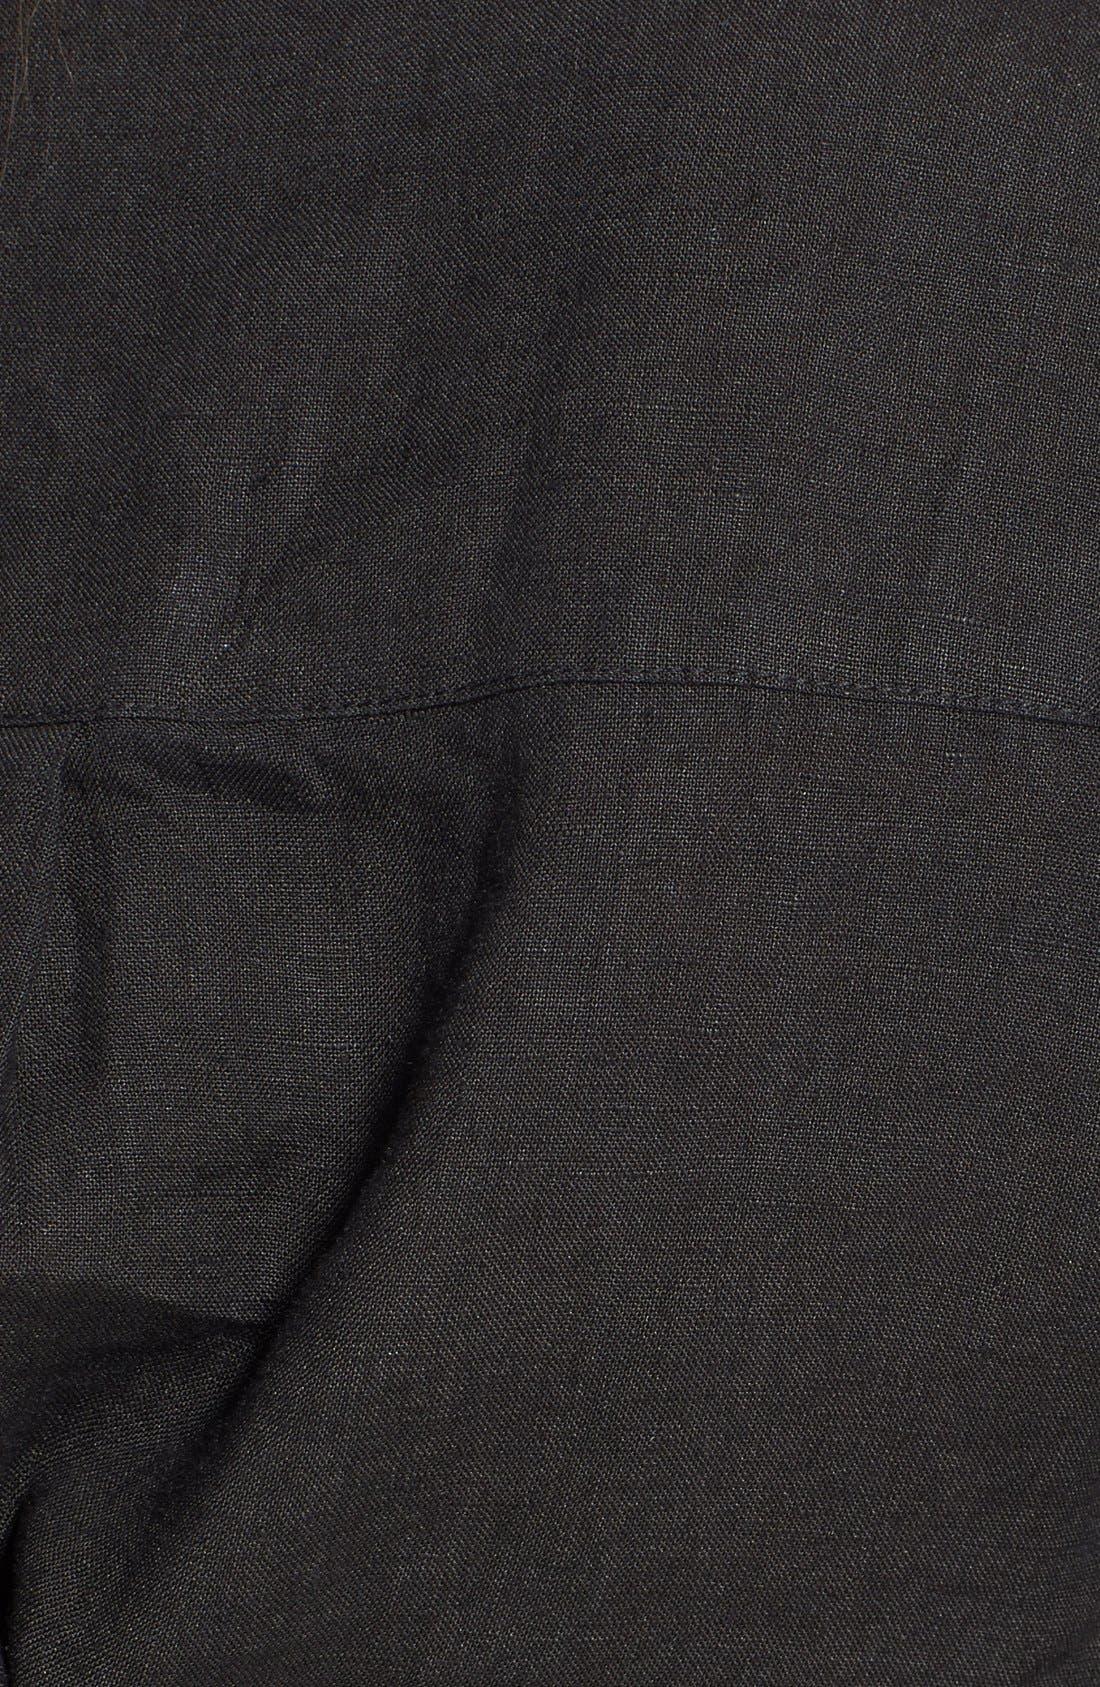 Alternate Image 3  - Allen Allen Linen Shirtdress